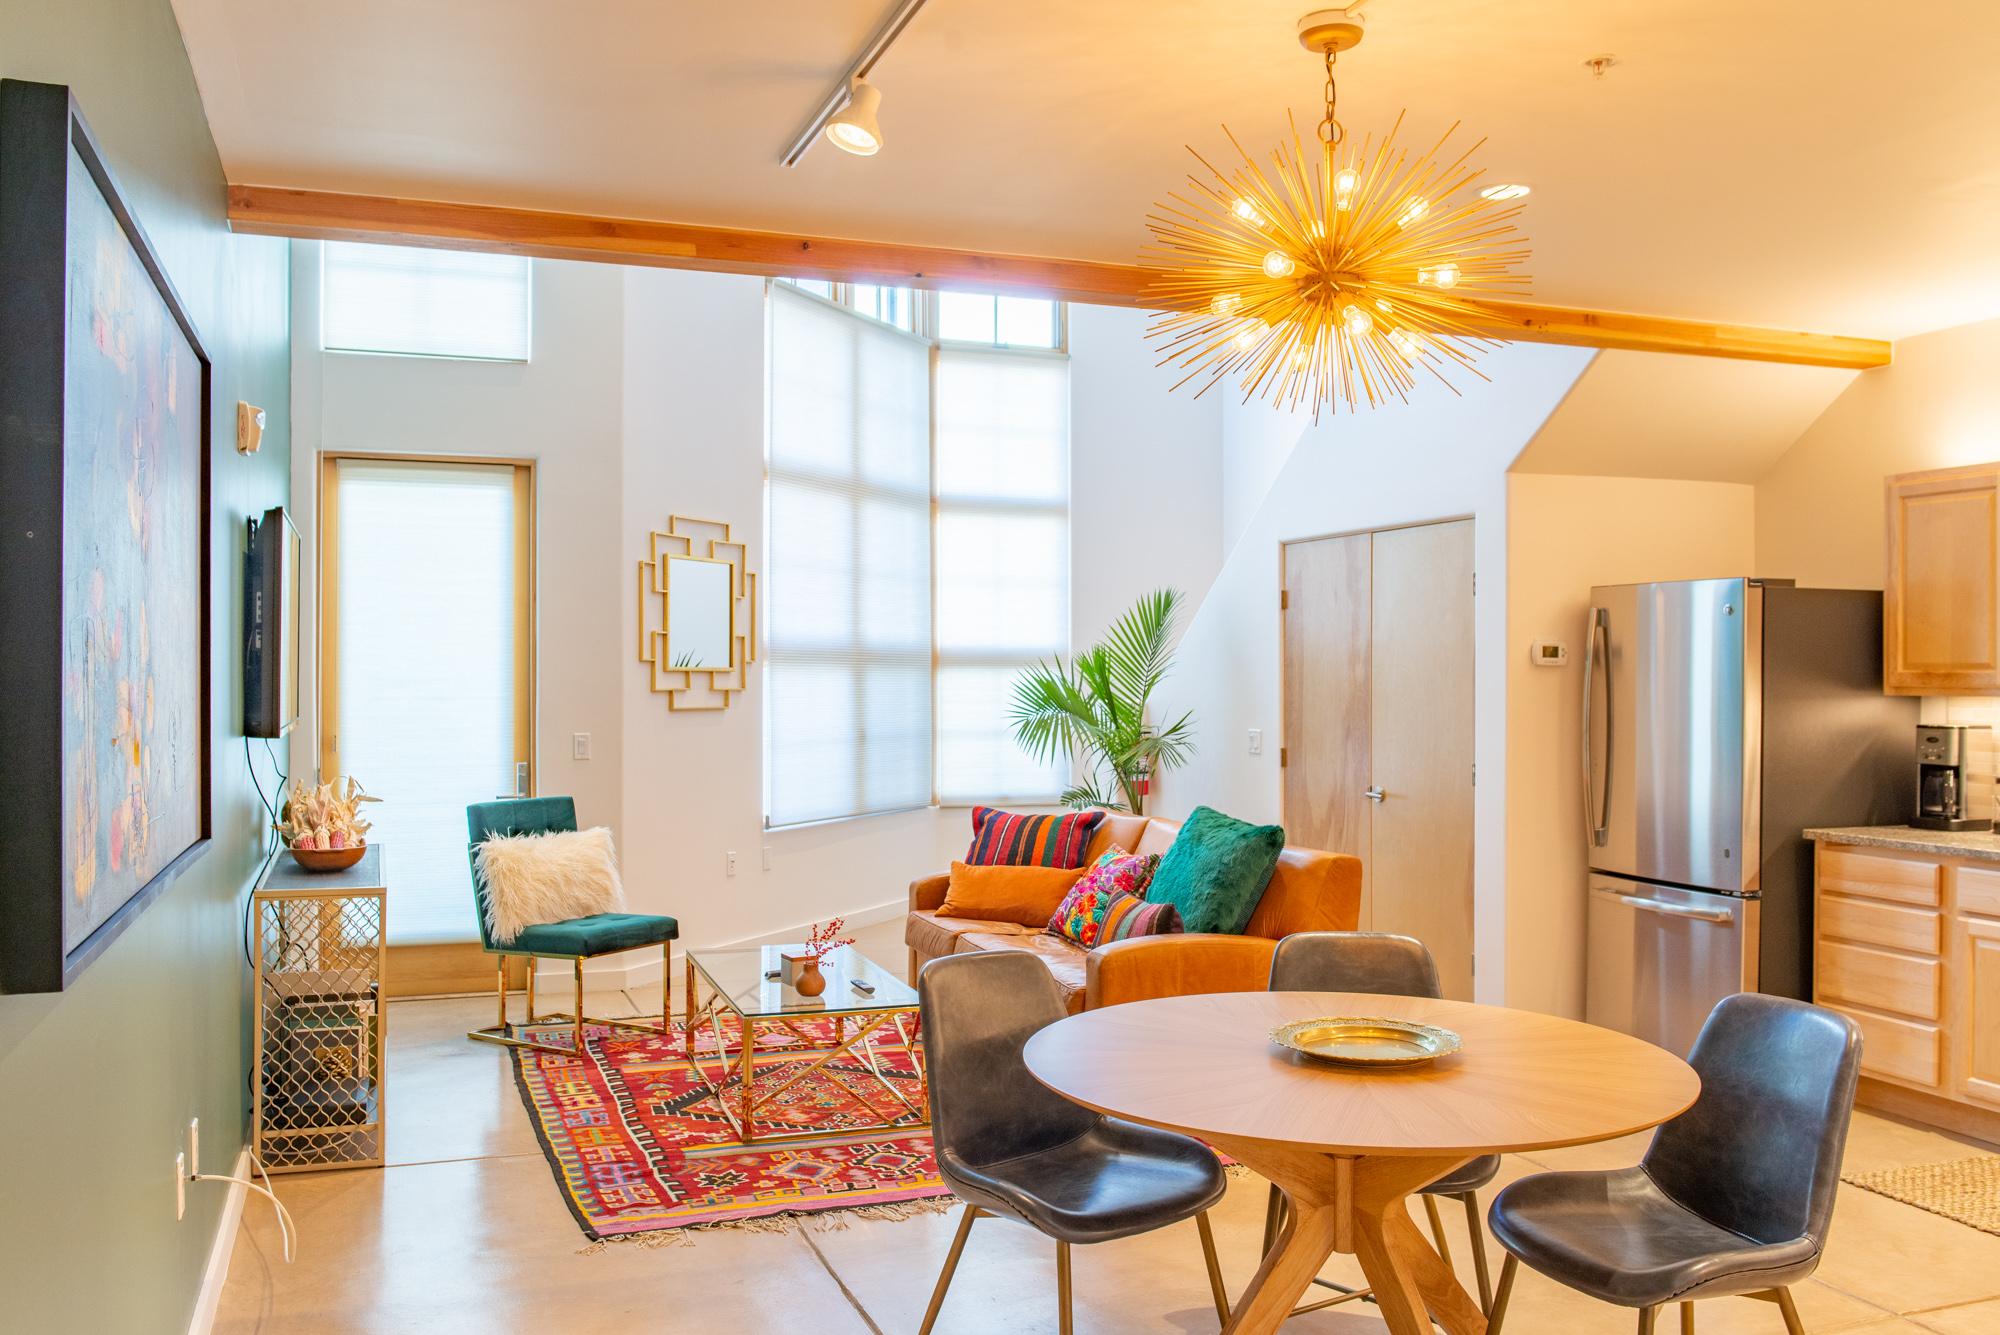 artyard-lofts-social-media-3203.jpg